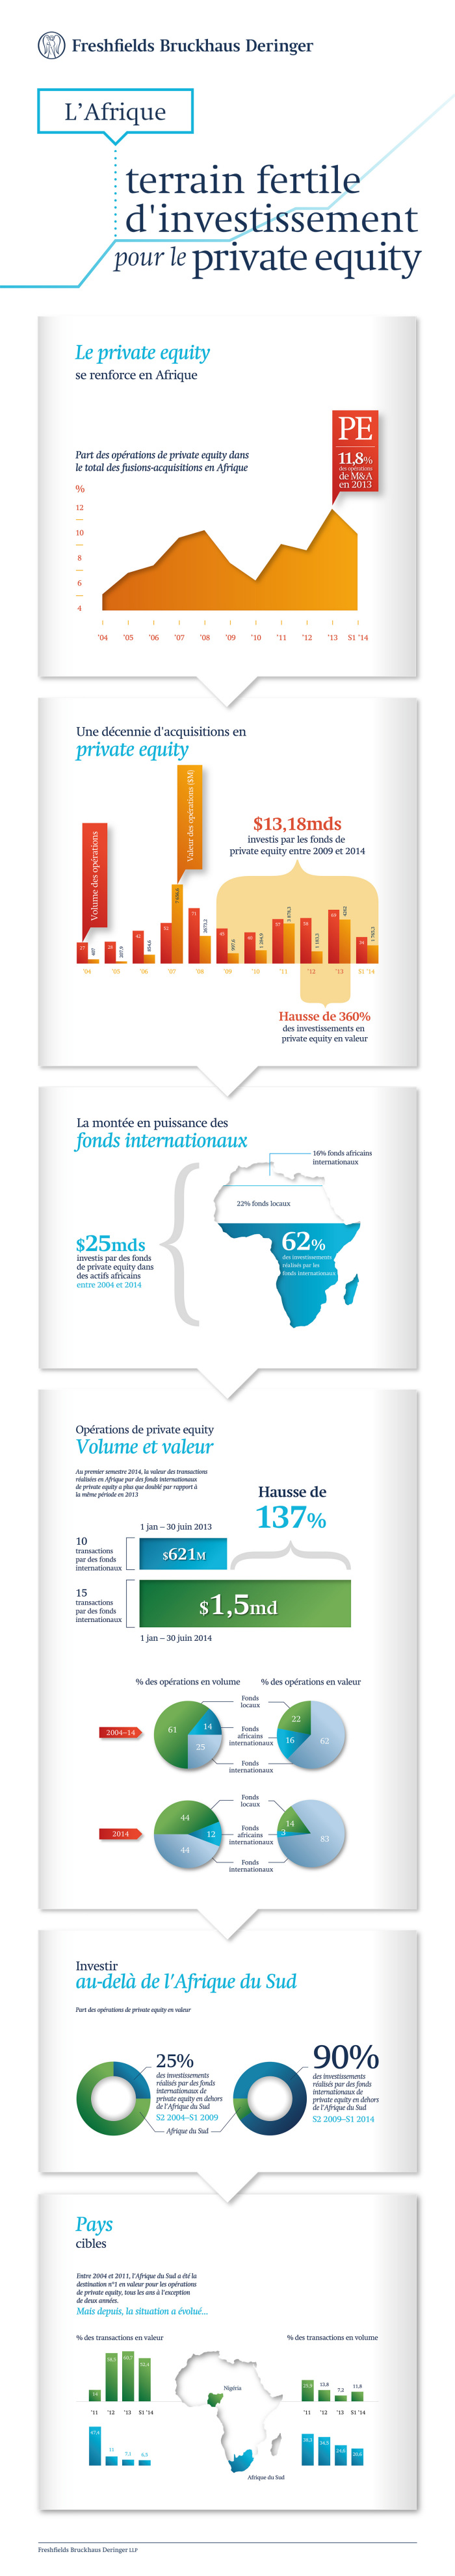 02110_MKT_PAR_PE Africa Infographic_V6